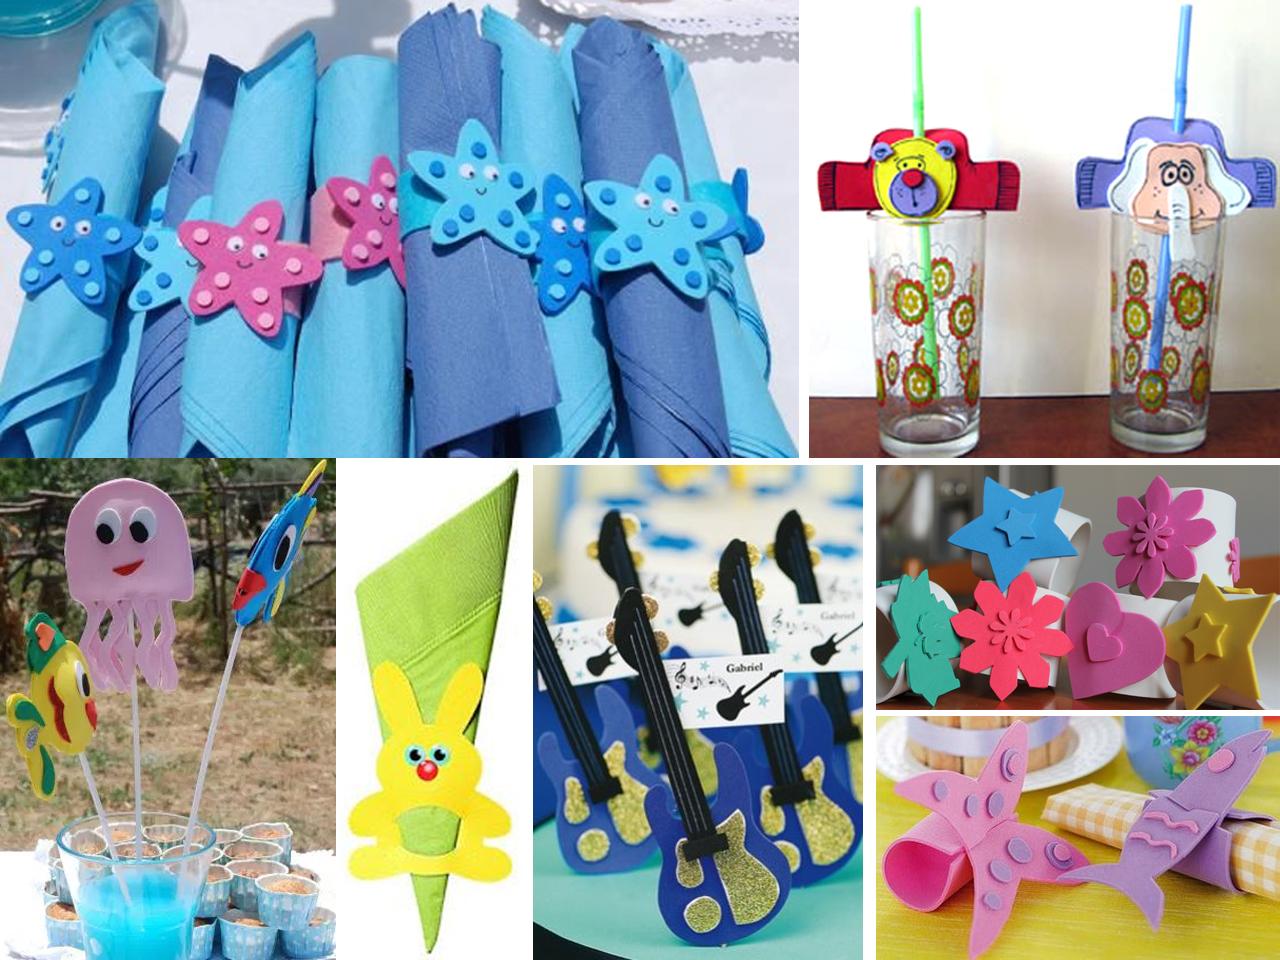 Manualidades en goma eva para cumplea os - Blog de manualidades y decoracion ...